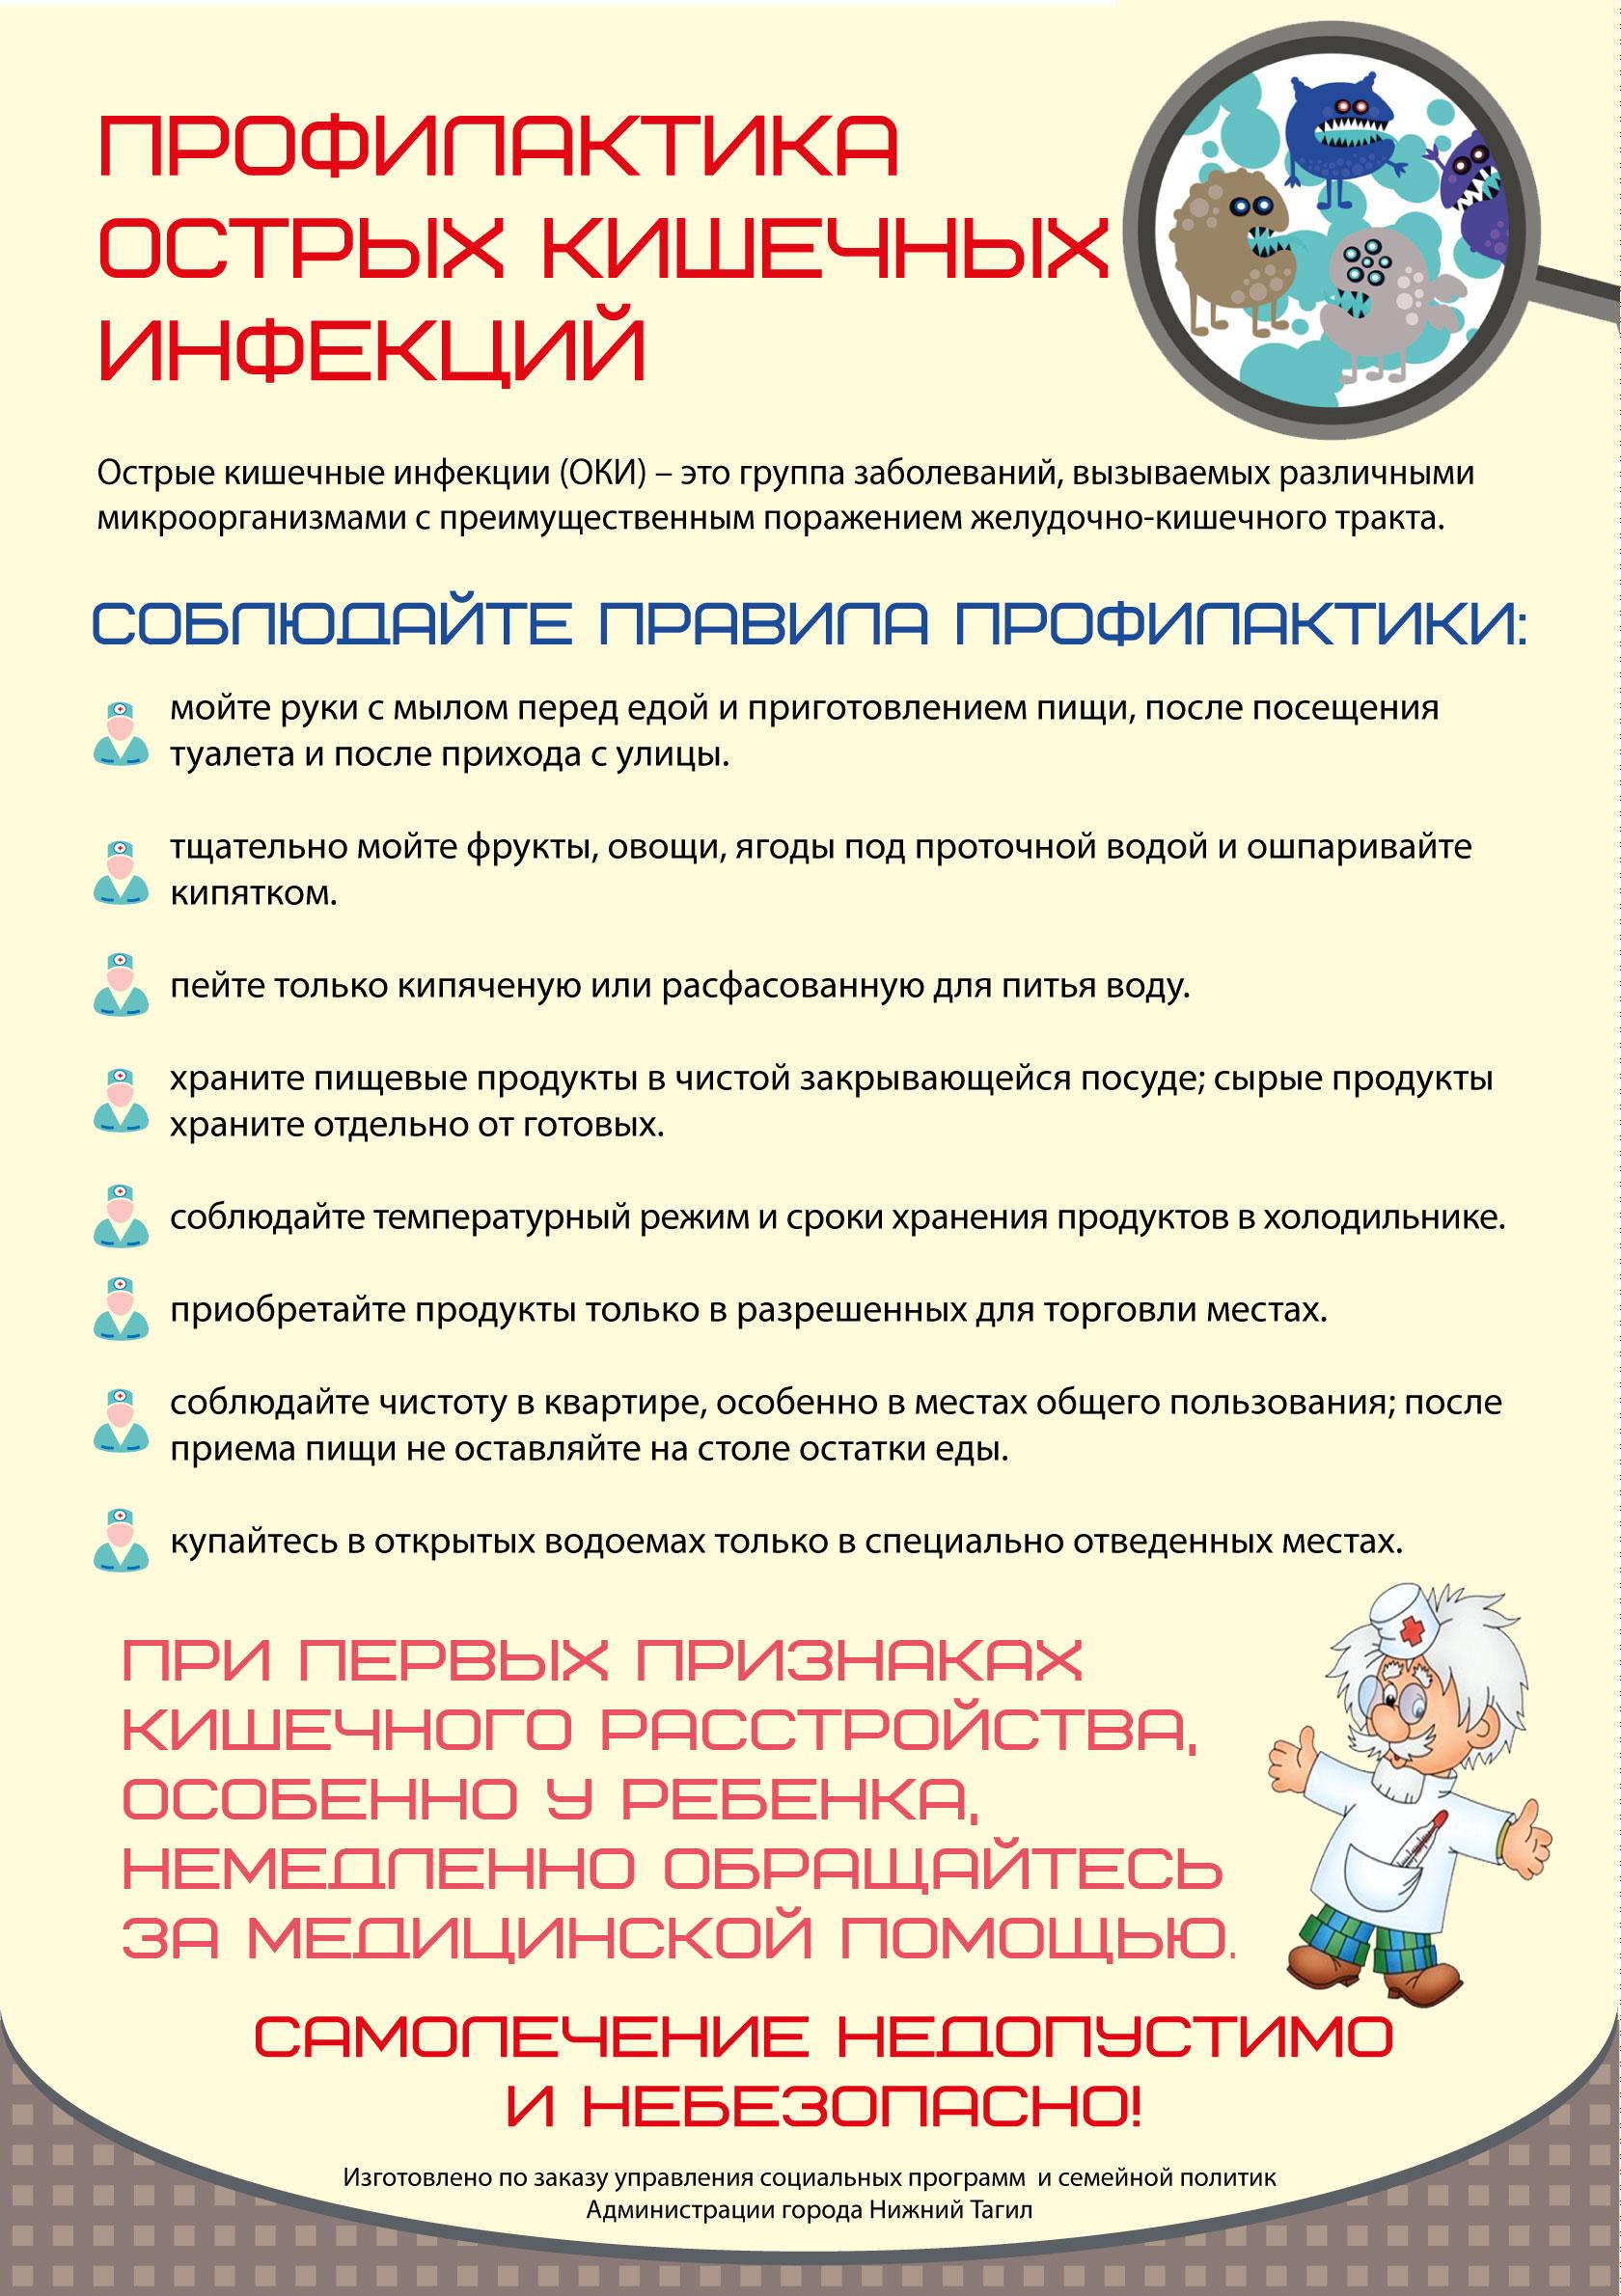 Лекарства при энтеровирусной инфекции у детей. профилактика энтеровирусной инфекции